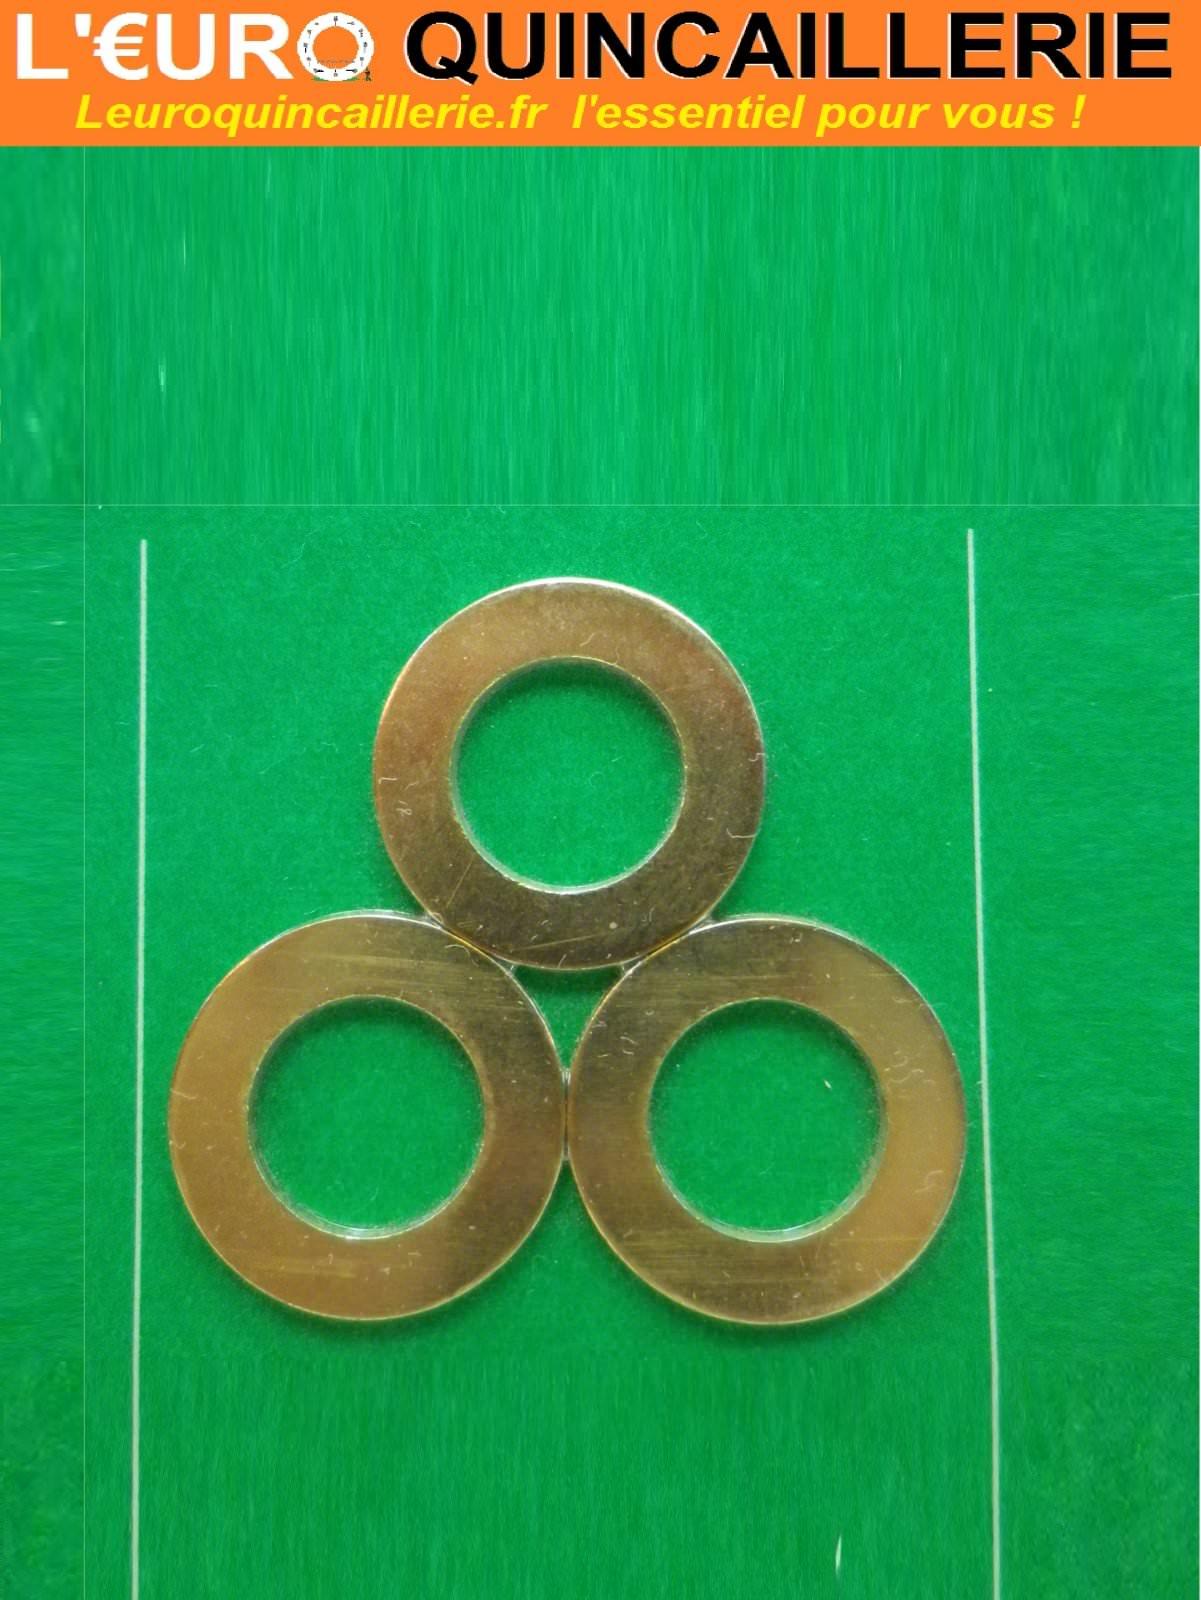 3 Bagues de paumelle laiton D. 15mm